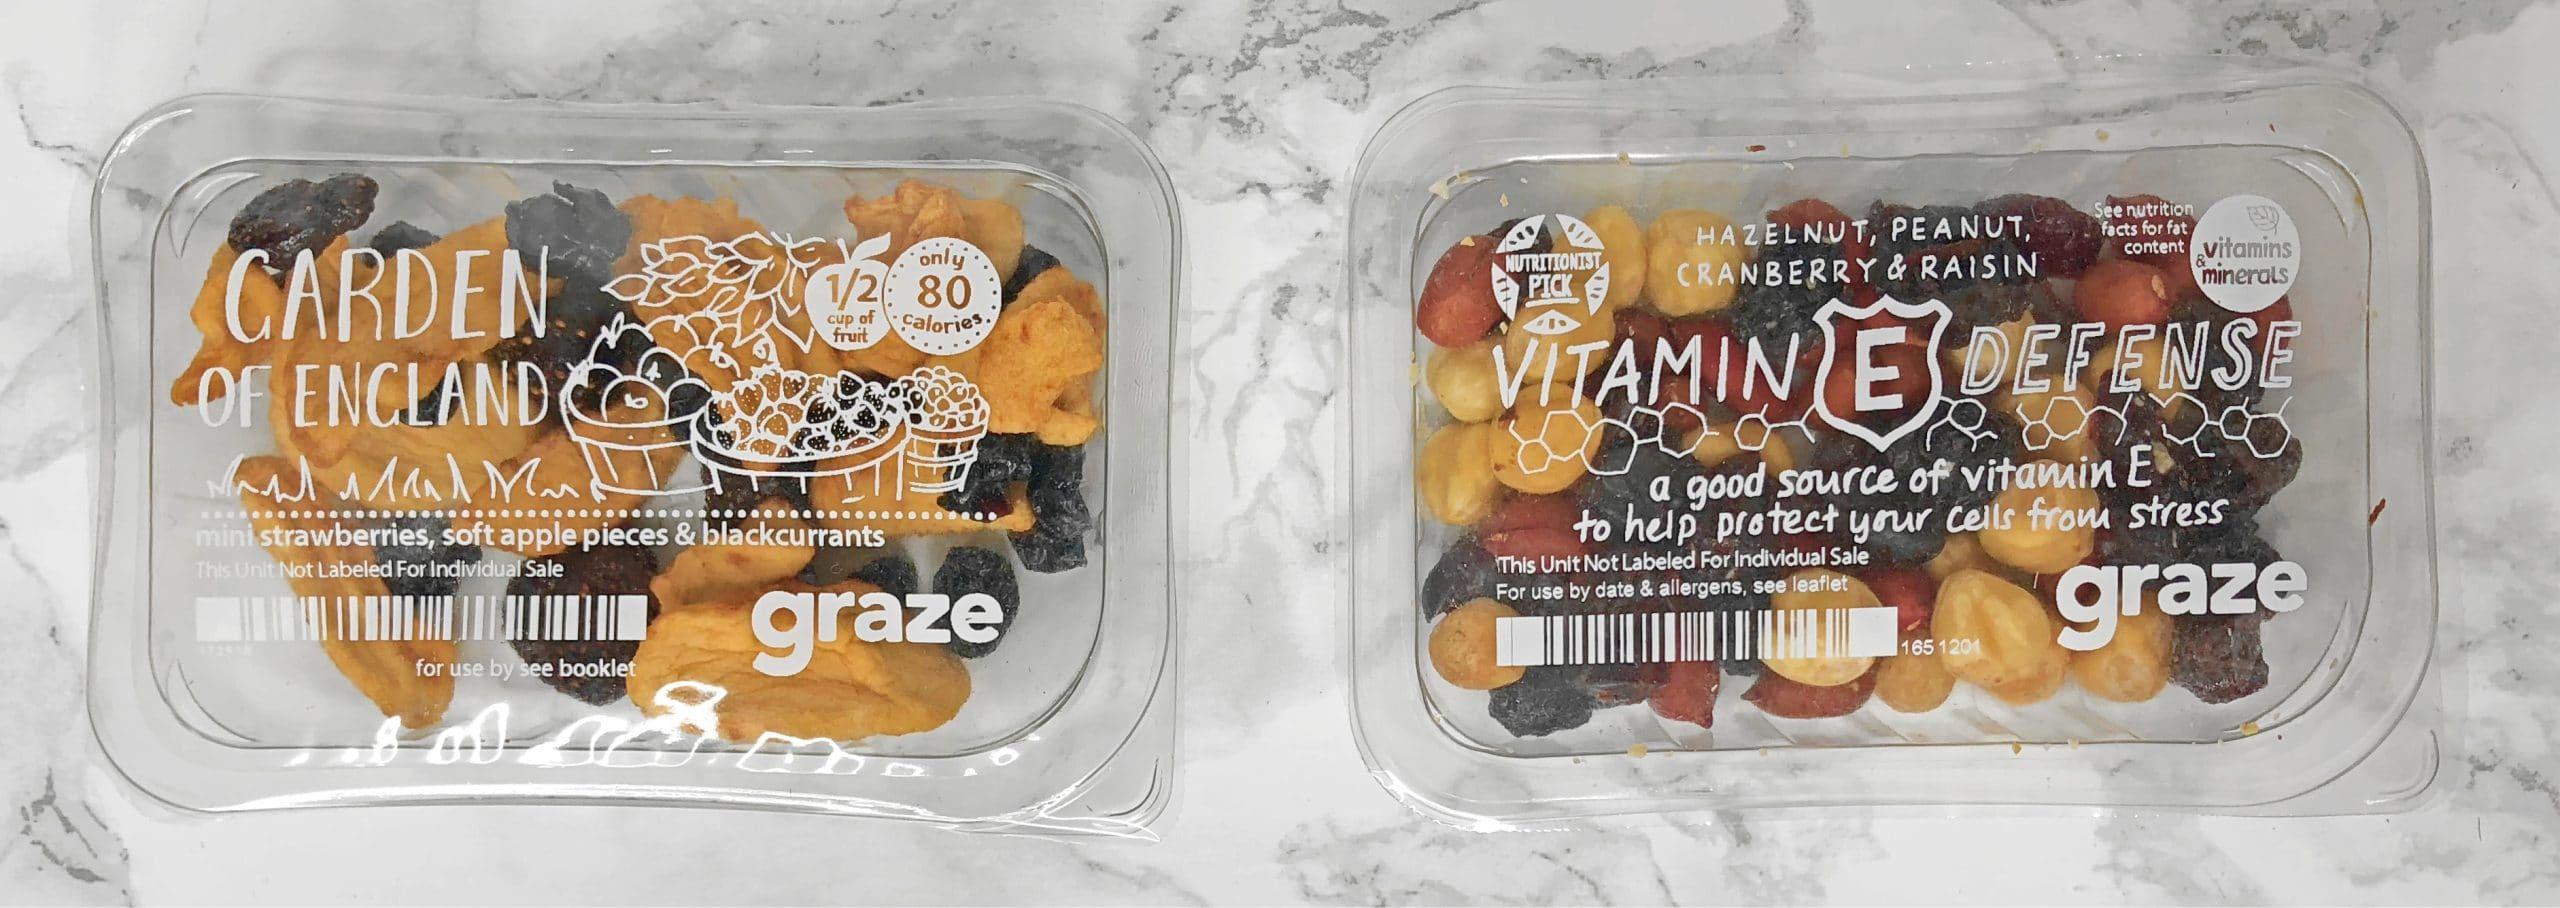 Graze Review - Garden of England and Vitamin E Defense